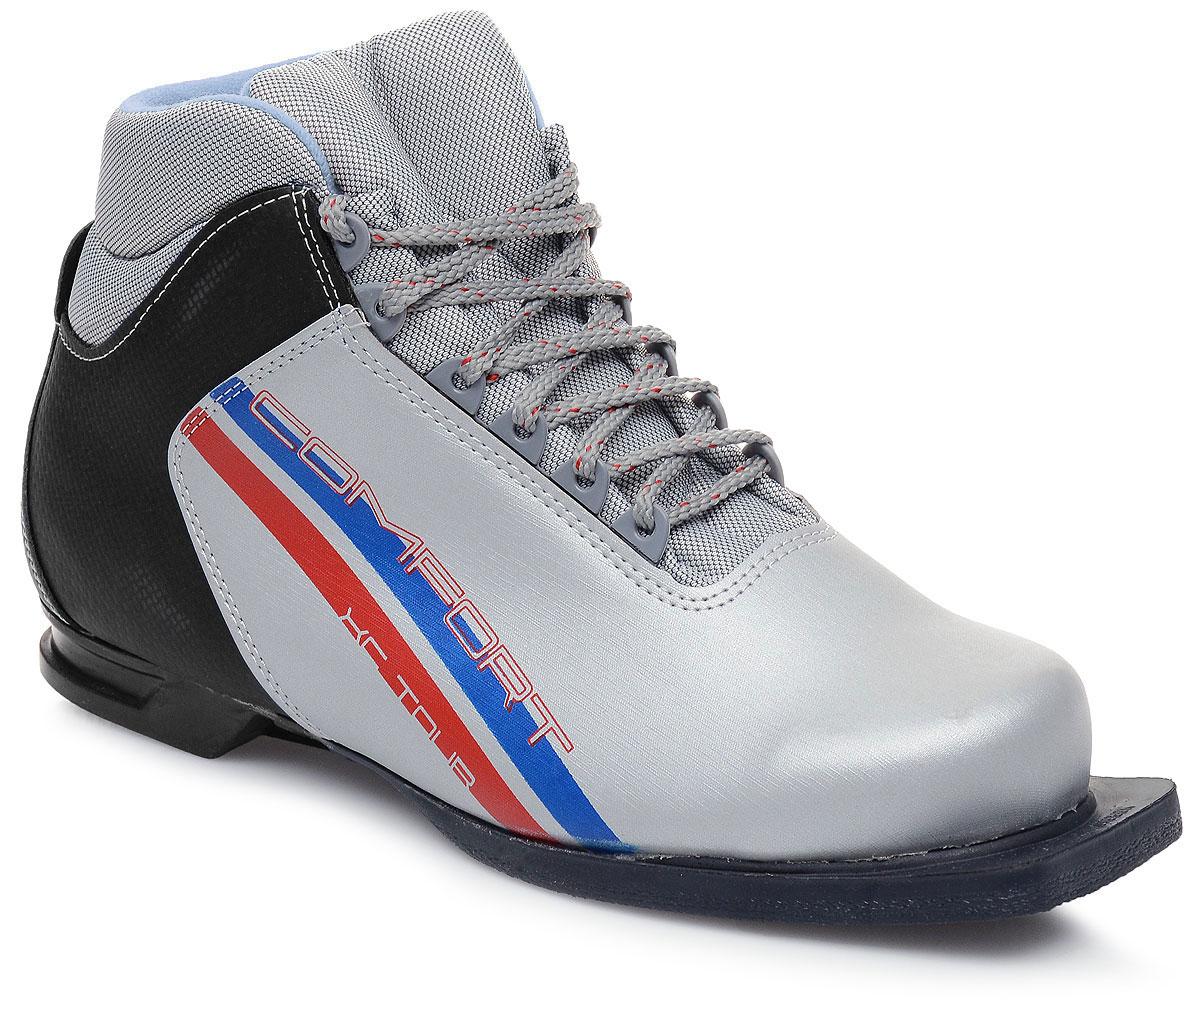 Ботинки лыжные Marax, цвет: серебристый, синий, черный. М350. Размер 43М350_серебряный, синий, красный_43Лыжные ботинки Marax предназначены для активного отдыха. Модельизготовлена из морозостойкой искусственной кожи и текстиля. Подкладка выполнена из искусственного меха и флиса, благодаря чему ваши ноги всегда будут в тепле. Шерстяная стелька комфортна при беге. Вставка на заднике обеспечивает дополнительную жесткость, позволяя дольше сохранять первоначальную форму ботинка и предотвращать натирание стопы. Ботинки снабжены шнуровкой с пластиковыми петлями и язычком-клапаном, который защищает от попадания снега и влаги. Подошва системы 75 мм из двухкомпонентной резины является надежной и весьма простой системой крепежа и позволяет безбоязненно использовать ботинокдо -25°С. В таких лыжных ботинках вам будет комфортно и уютно.